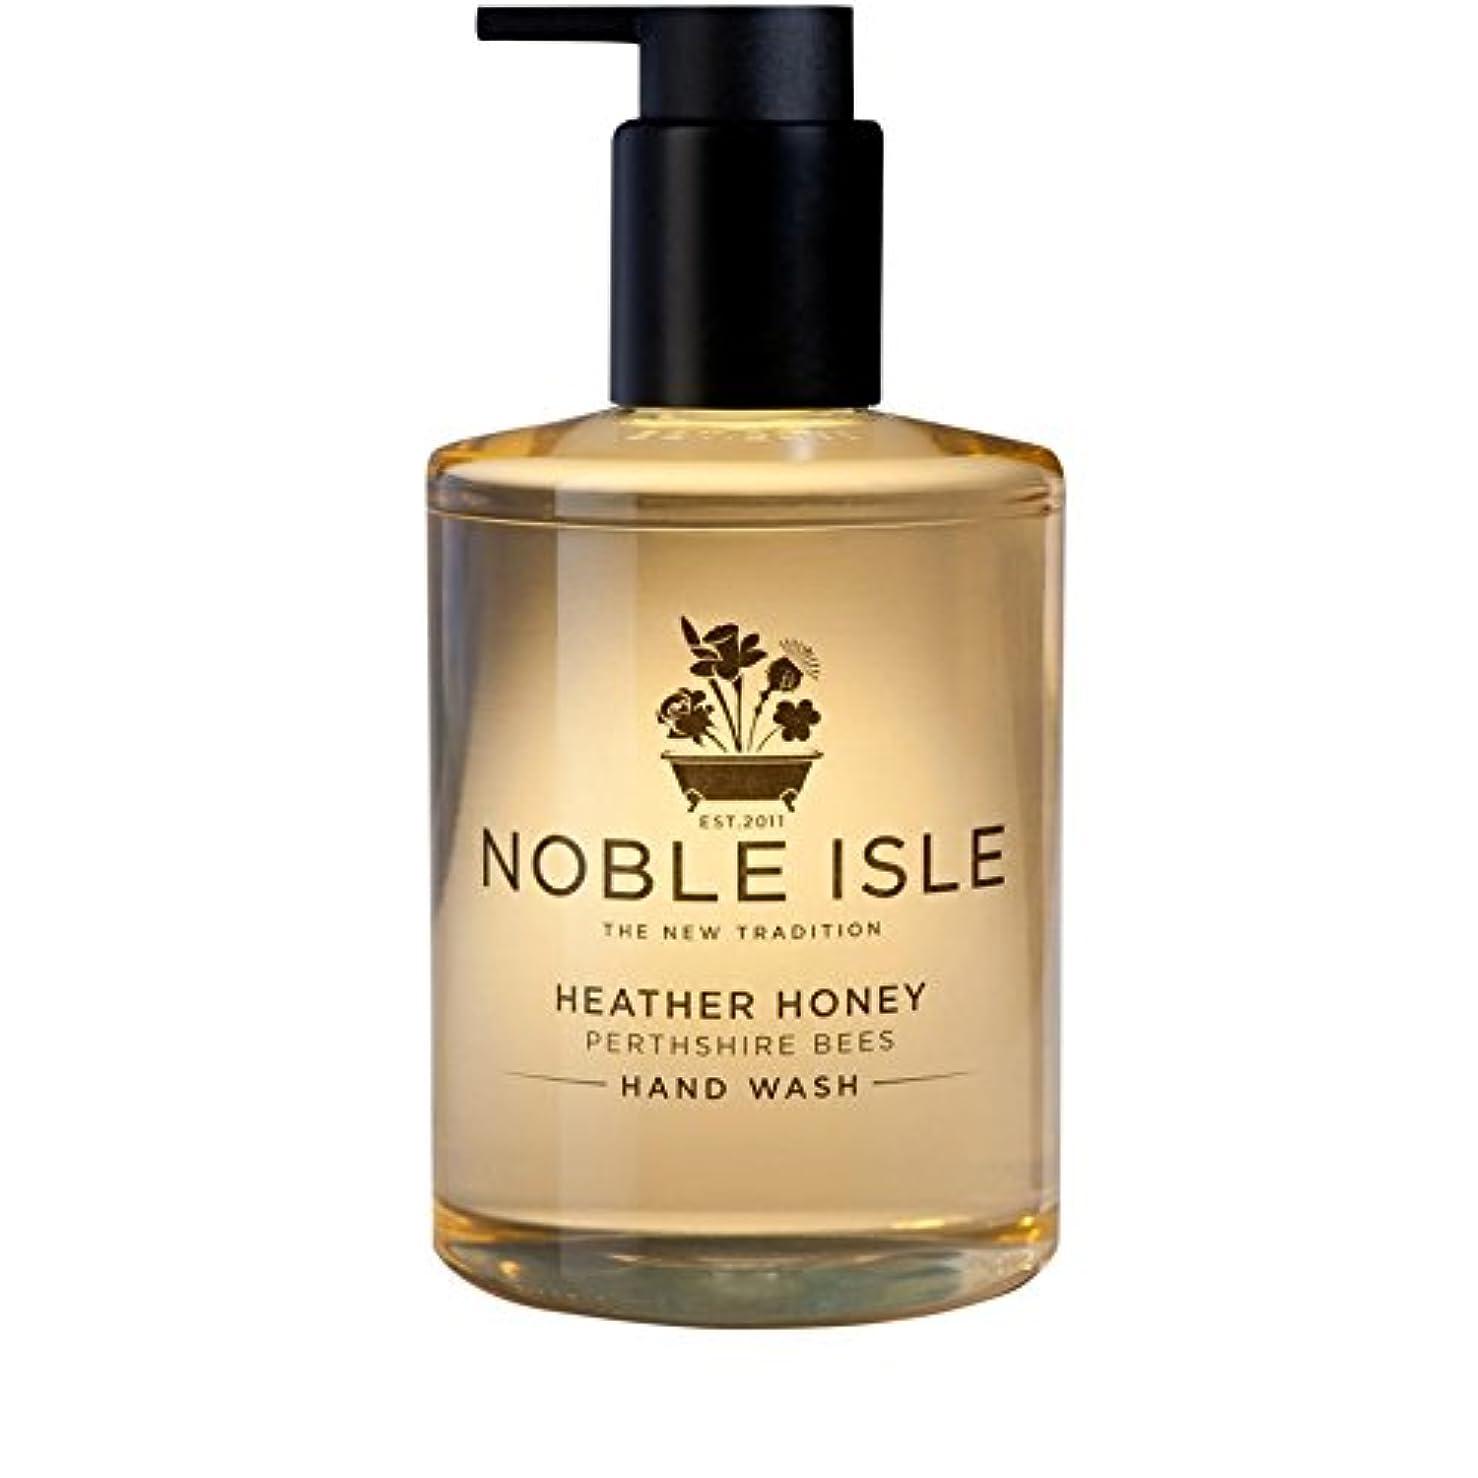 動揺させるハミングバード種類高貴な島杢蜂蜜パースシャー蜂のハンドウォッシュ250ミリリットル x2 - Noble Isle Heather Honey Perthshire Bees Hand Wash 250ml (Pack of 2) [並行輸入品]